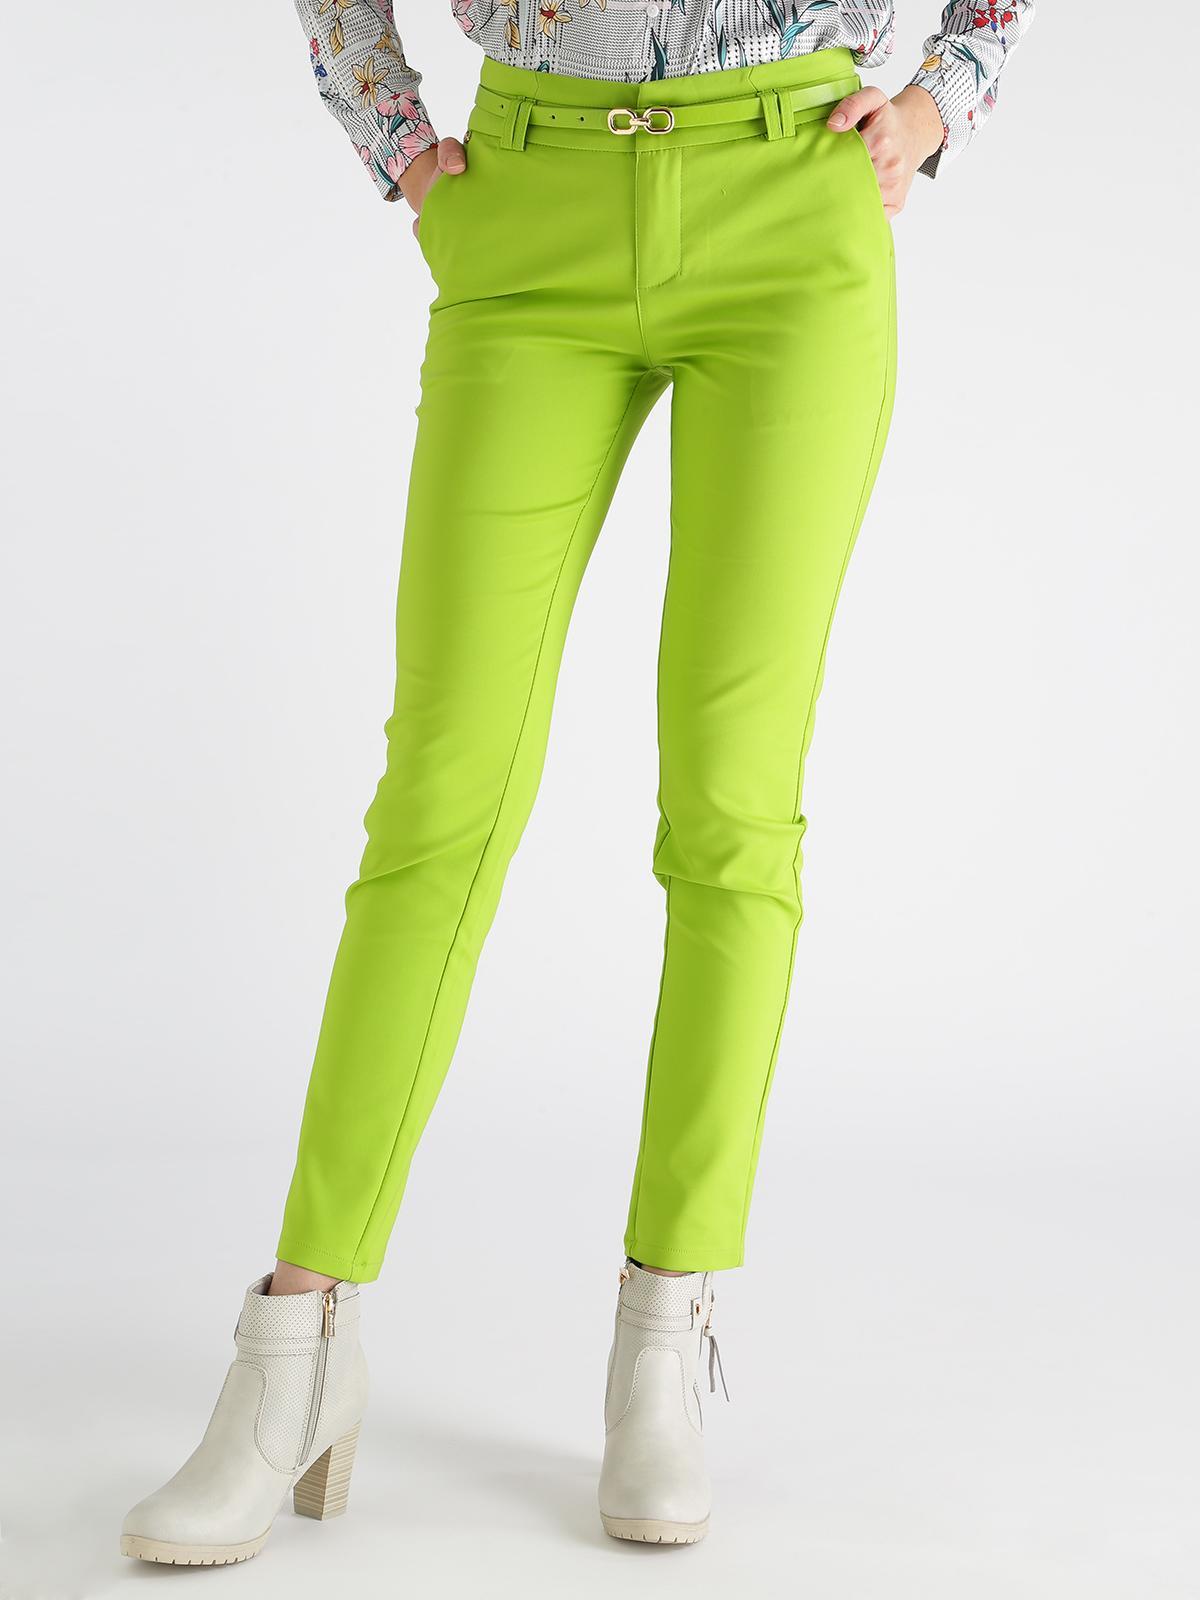 8414371dbd Pantaloni a sigaretta con cintura - verde acido freesia   MecShopping